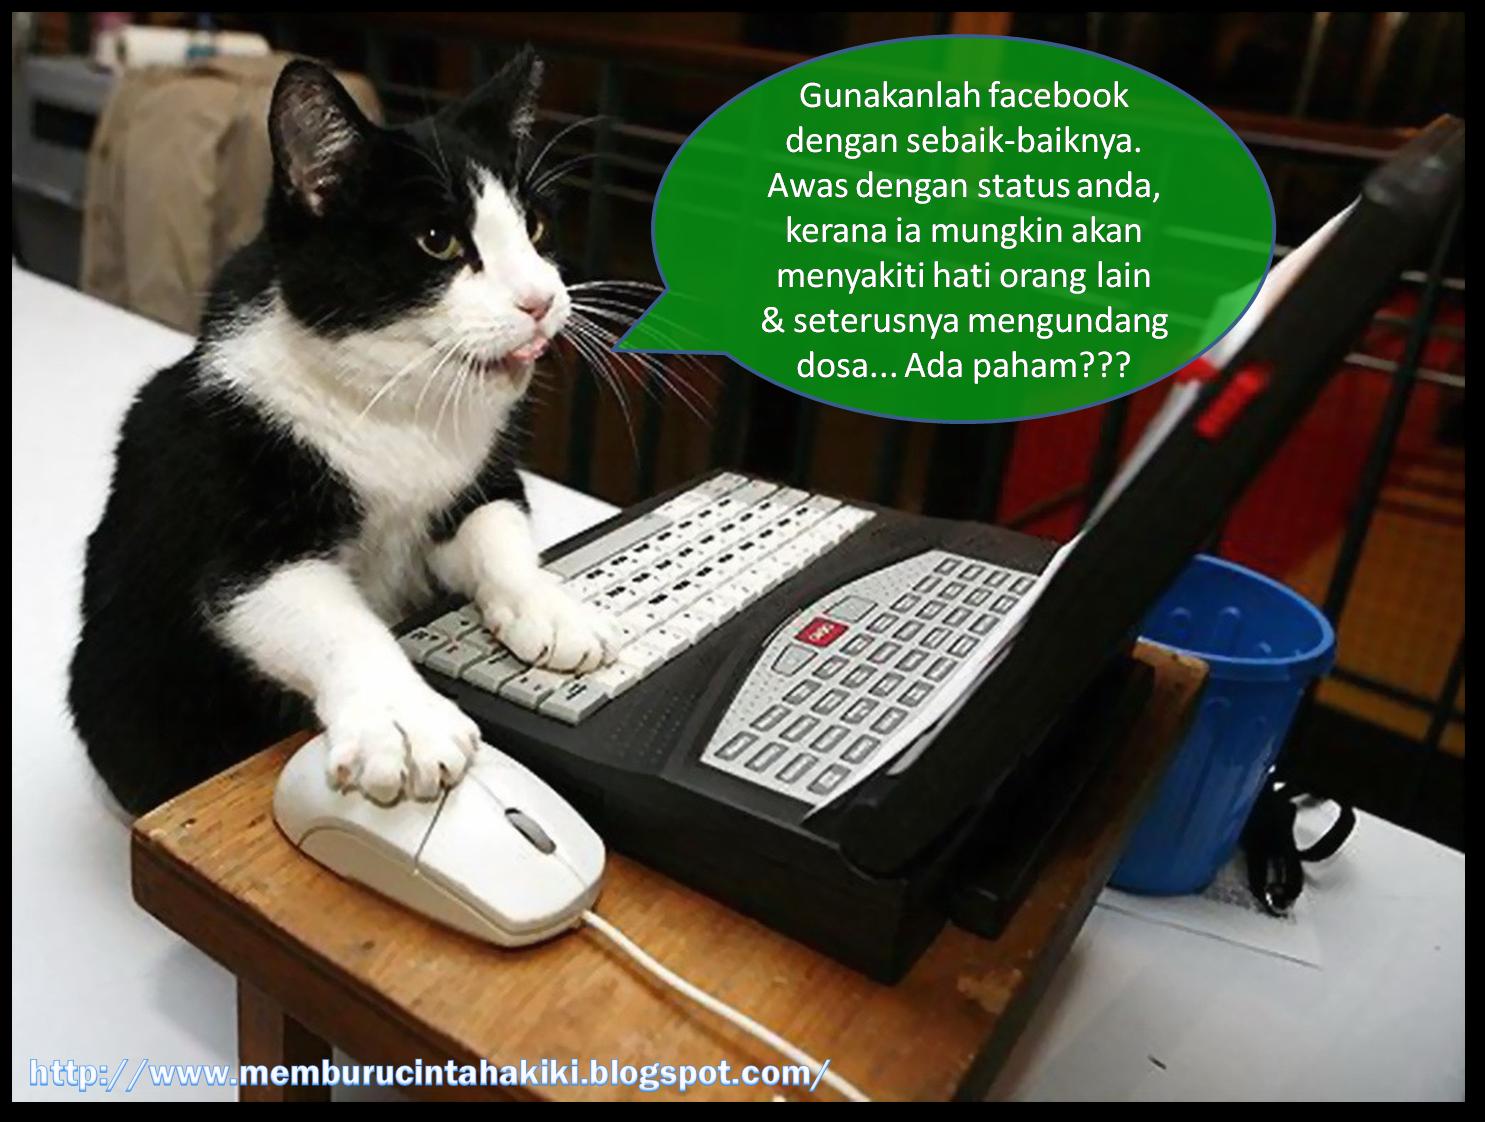 Memburu cinta hakiki Bila binatang update status facebook